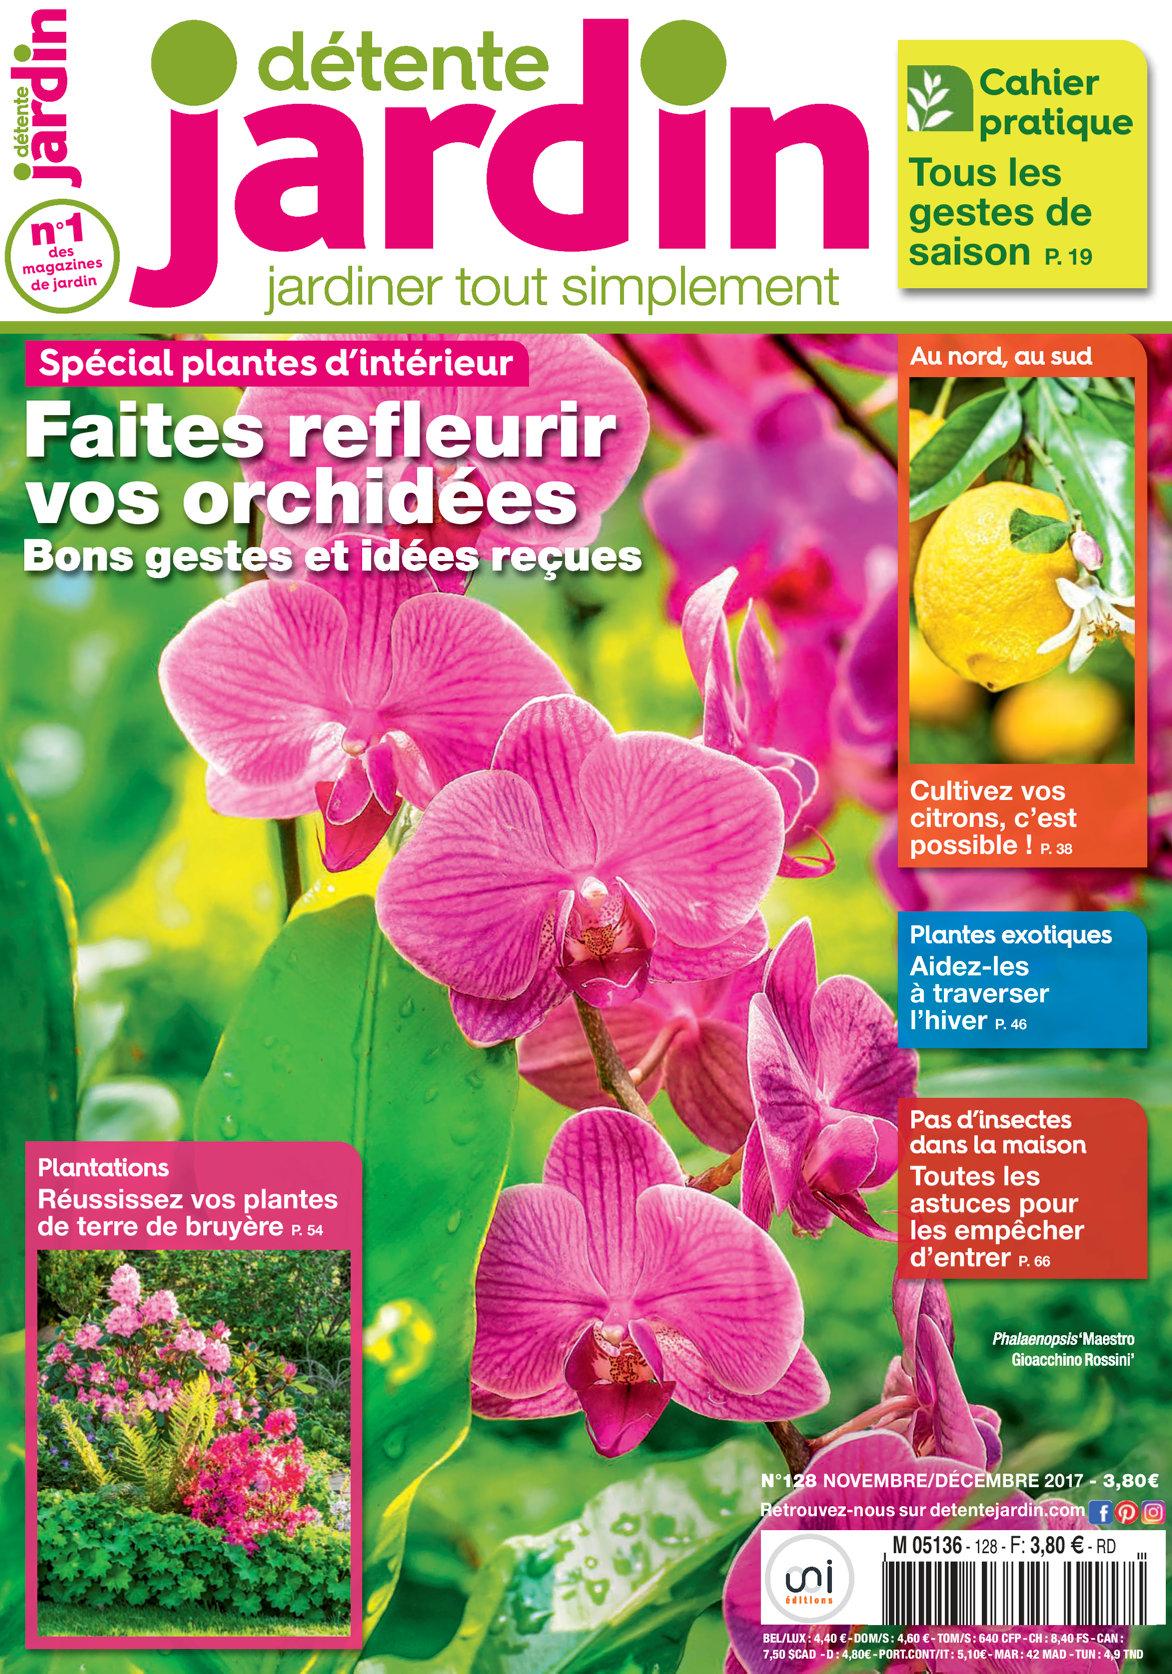 Détente Jardin N° 128 serapportantà Détente Jardin Magazine